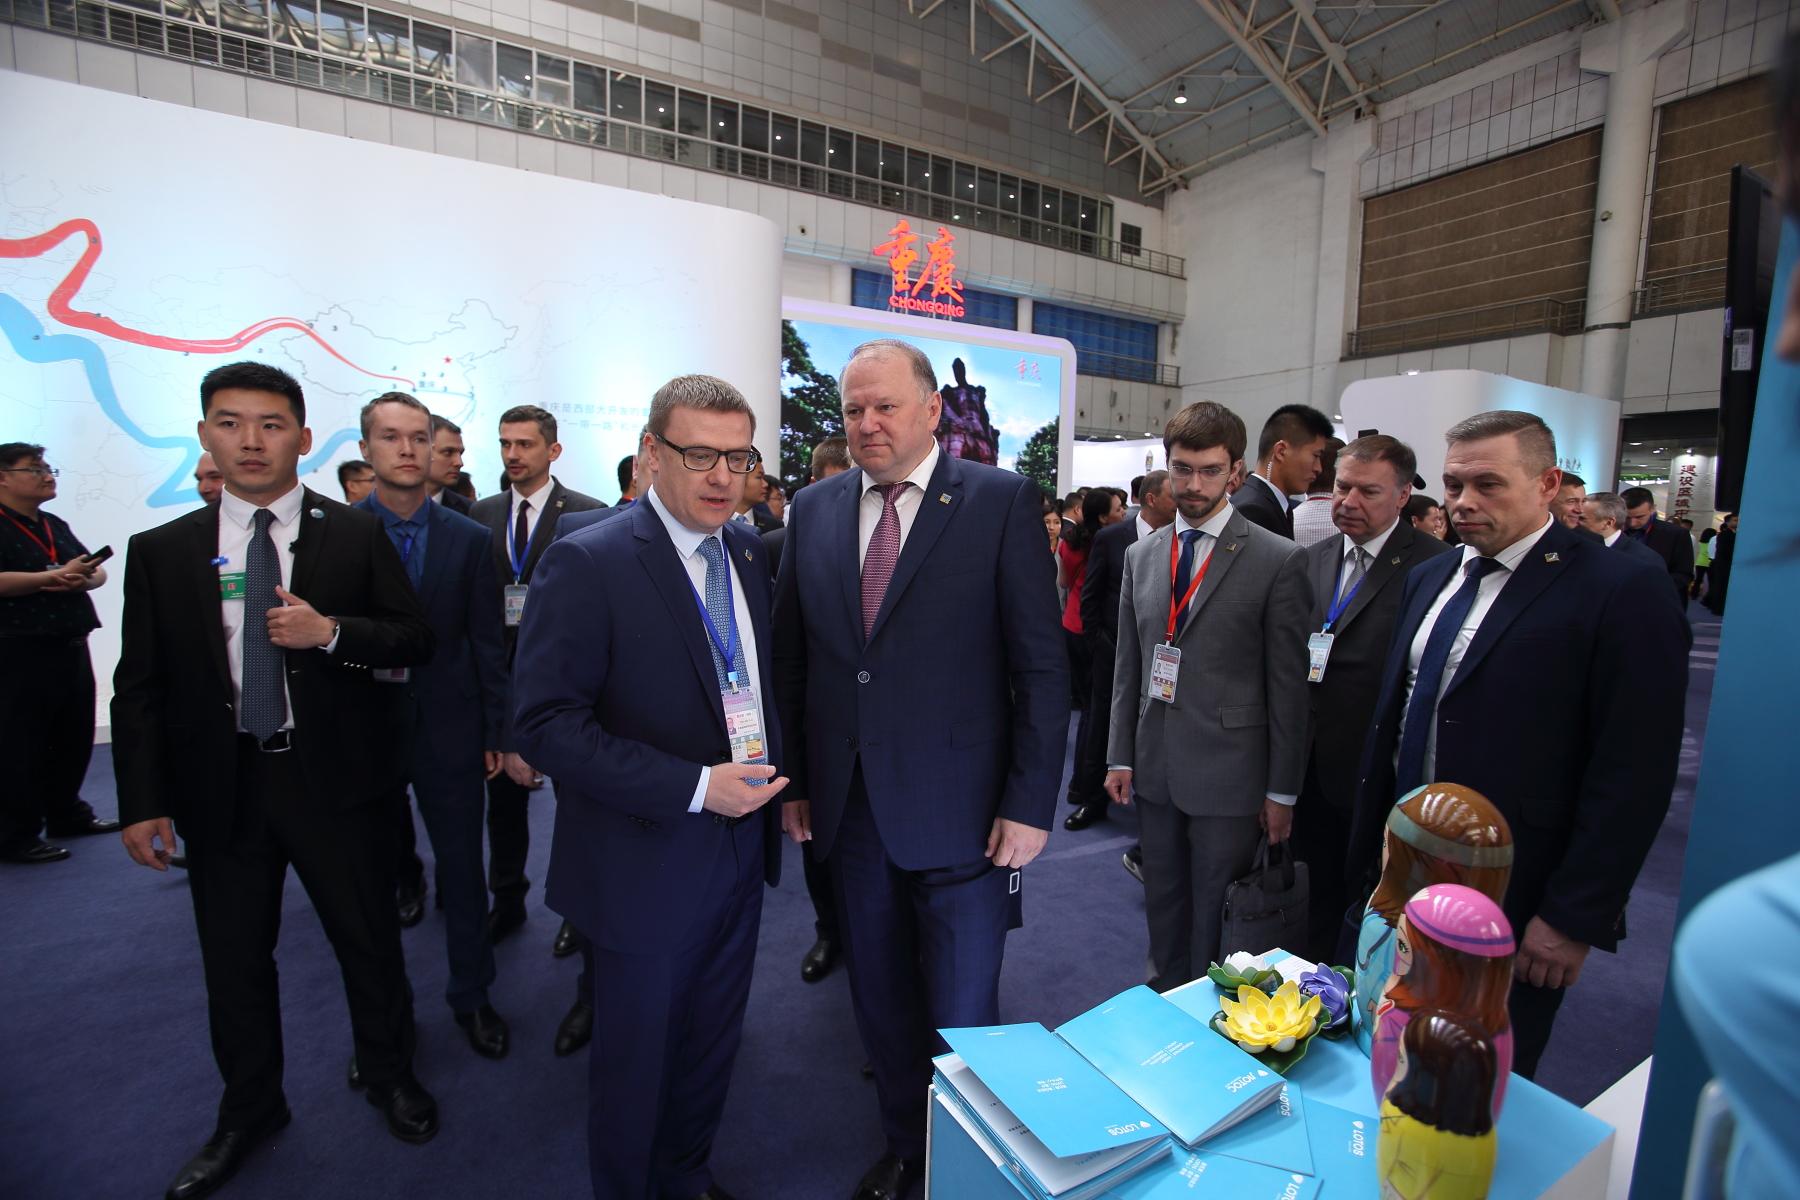 Глава Челябинской области Алексей Текслер презентовал потенциал Челябинской области на IV Междуна